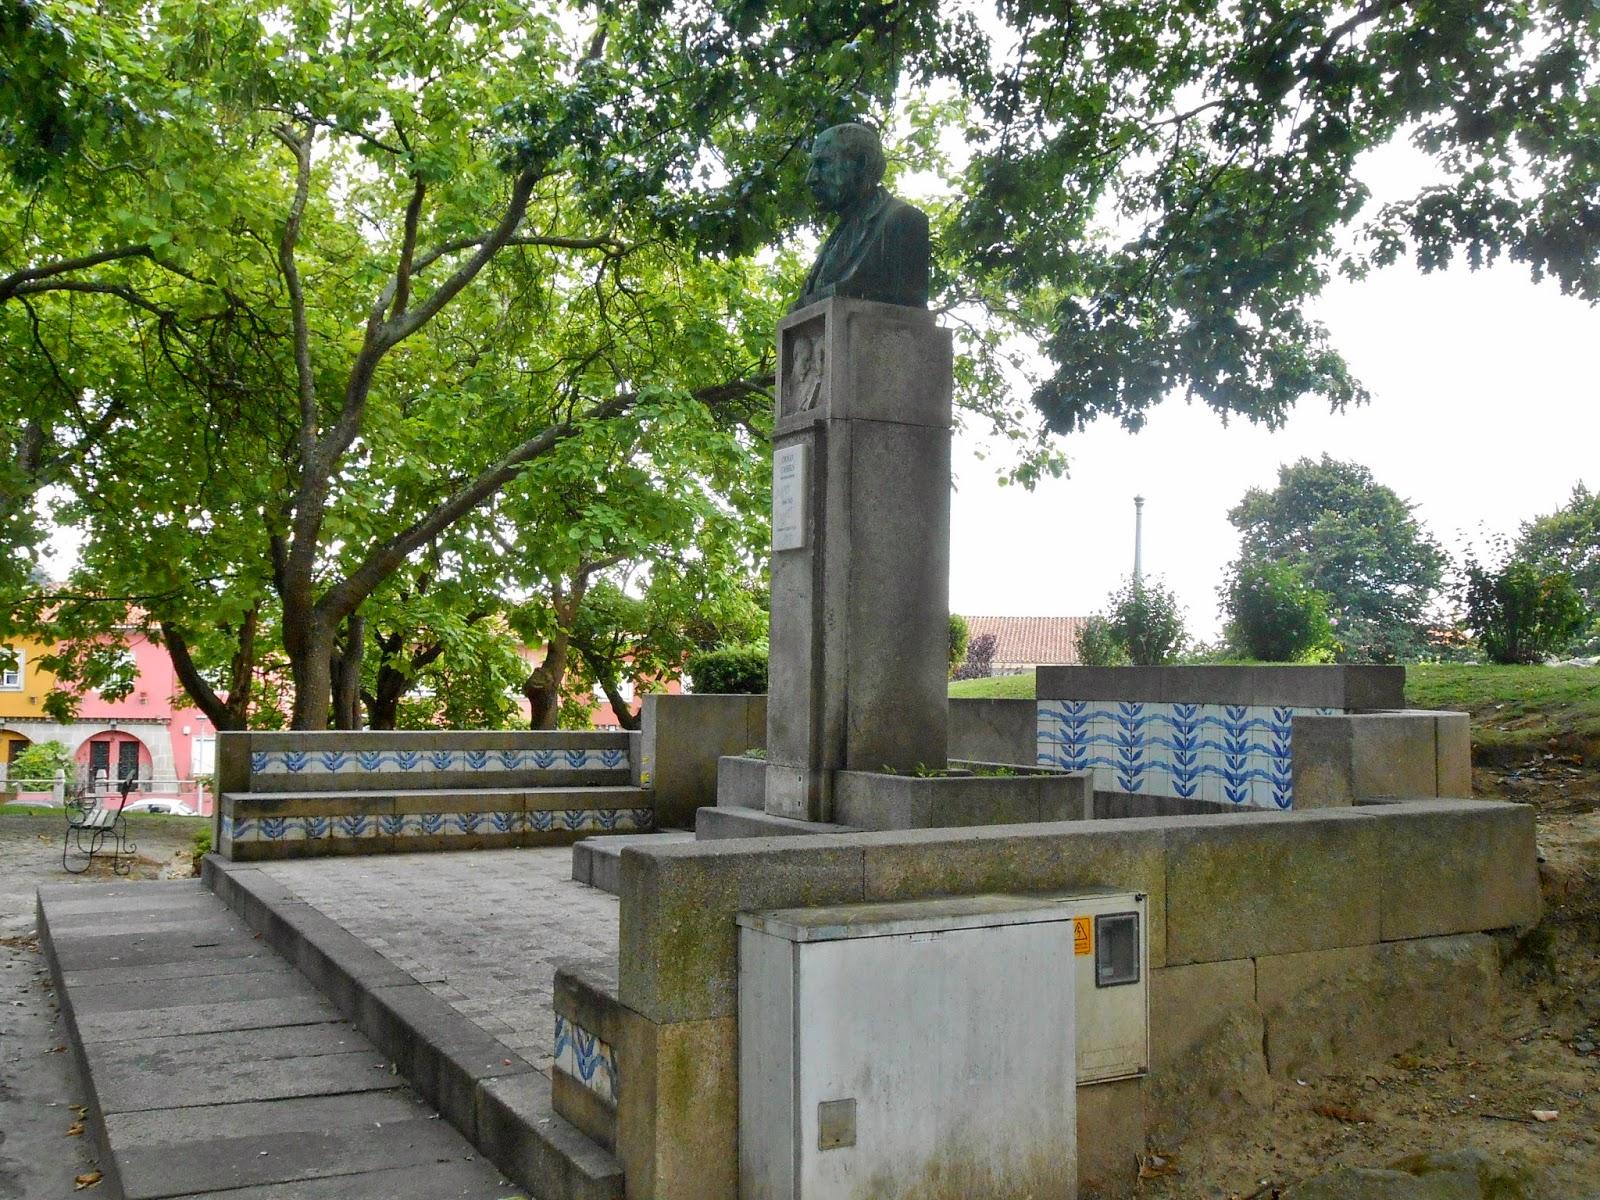 festa jardim do morro : festa jardim do morro: – Vila Nova de Gaia – Jardim do Morro – Busto de Diogo Cassels